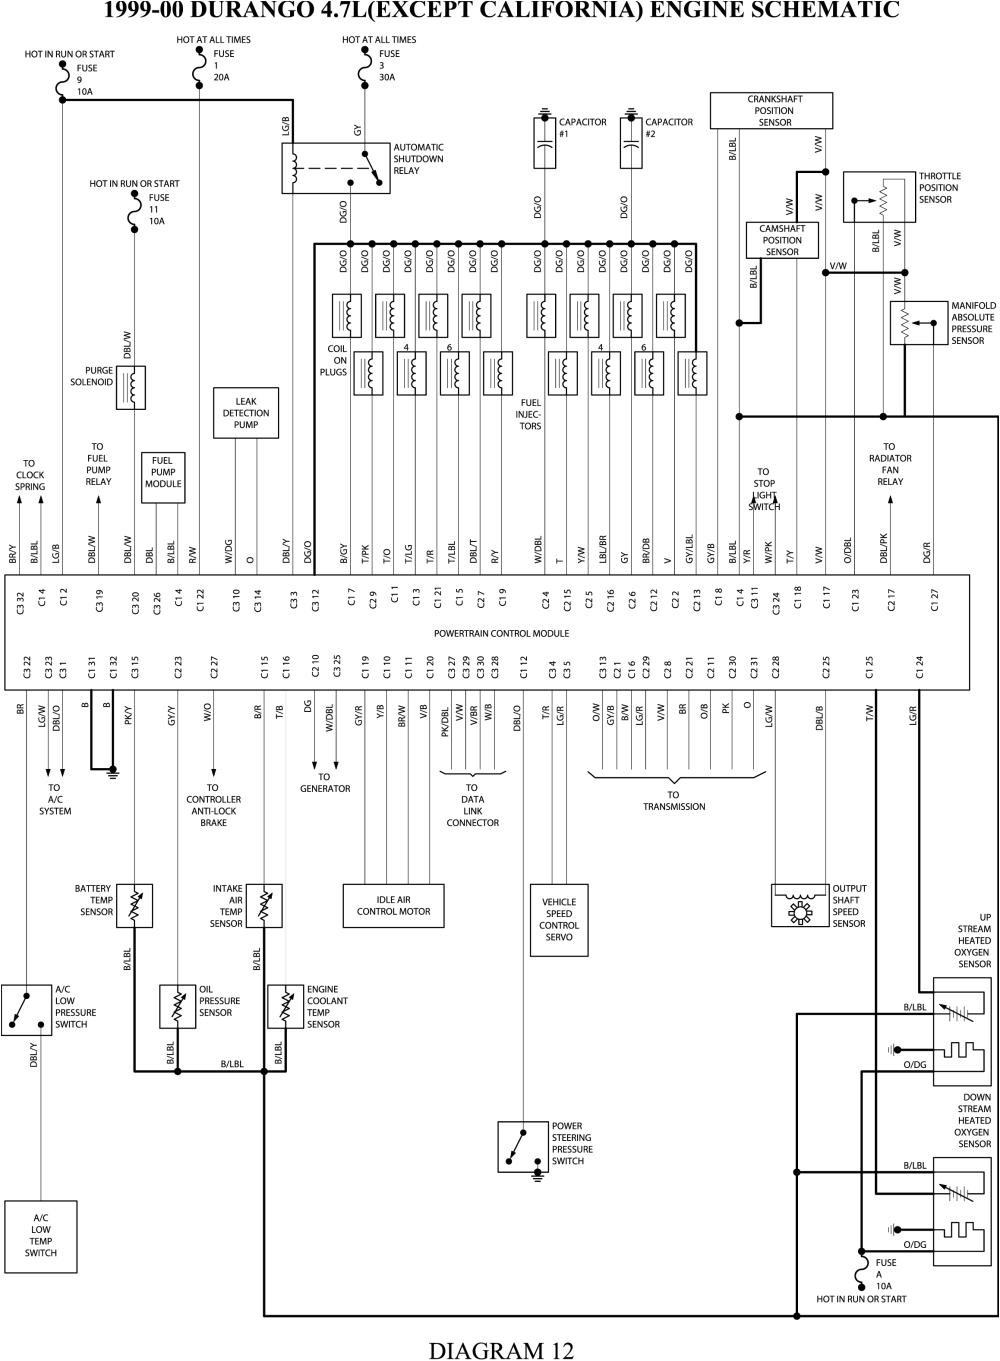 2000 Dodge Durango Wiring Diagram 1999 Durango Wiring Schematic Wiring Diagram Fascinating